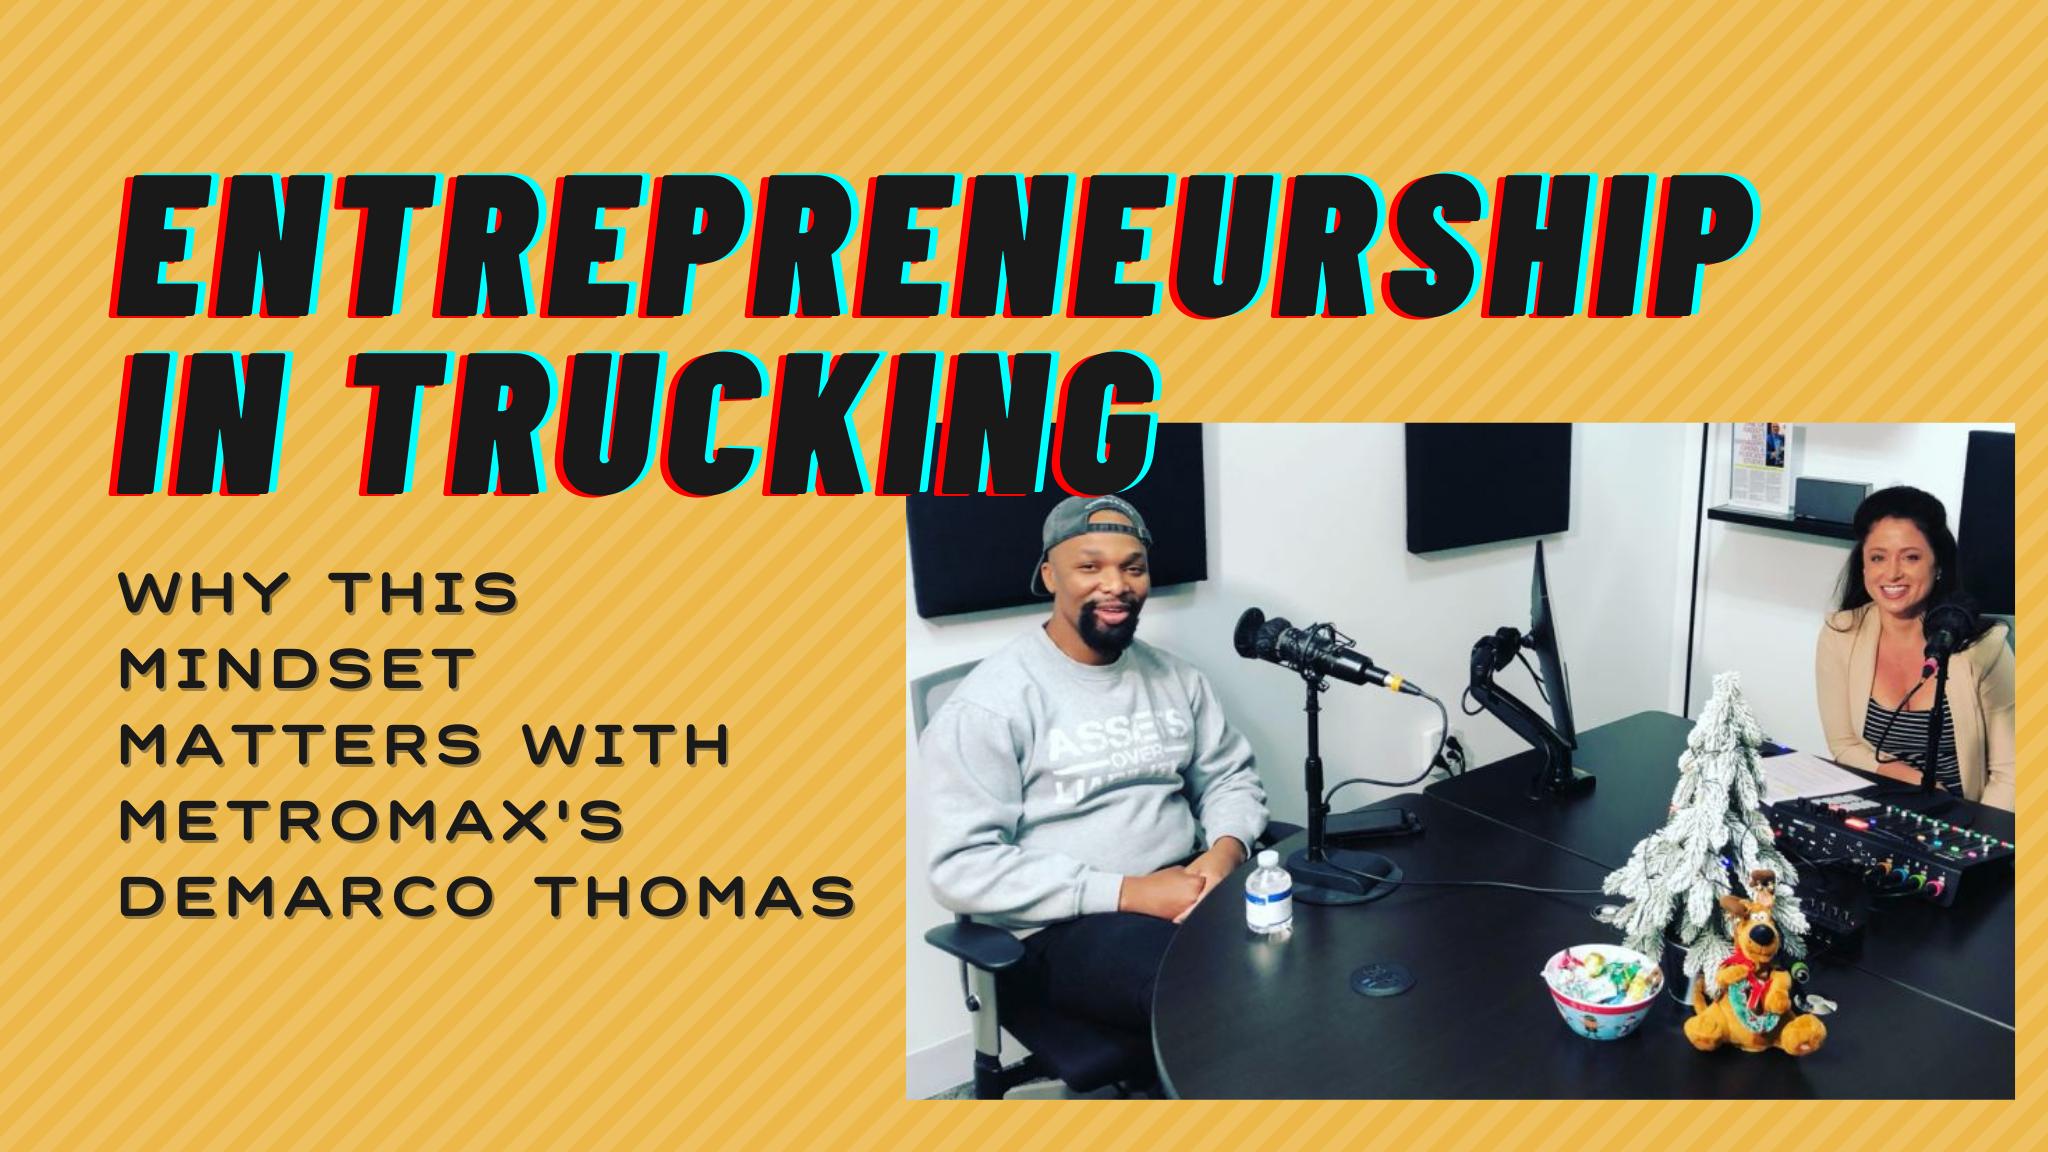 The Entrepreneurship Mindset With Metromax's Demarco Thomas